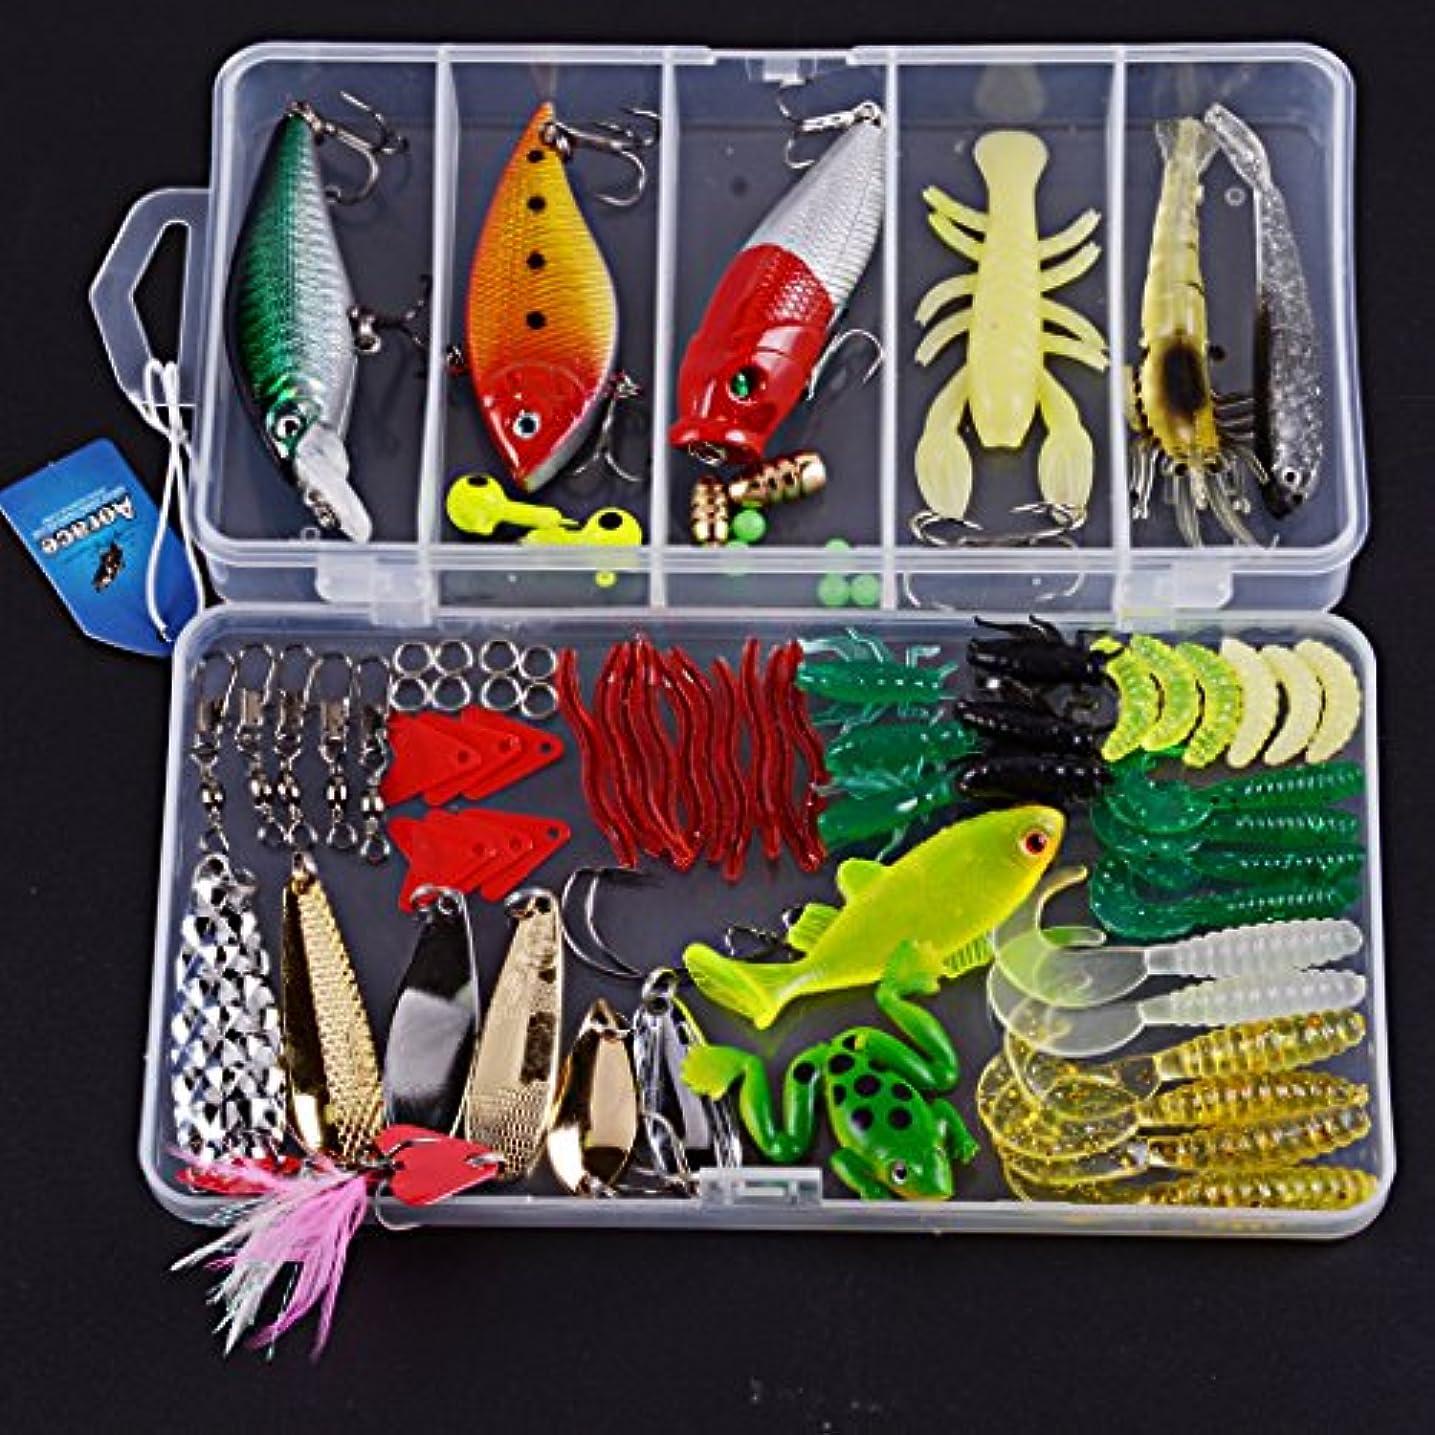 章コンベンショングローブAorace 79pcs釣りは、ミノーポッパーを含むセットを掘ります。ハードメタルルアーVIBラトルソフトルアーエビの餌VIBスプーンカエル釣りフックフリータックルボックス付きジグヘッドその他の釣りギア